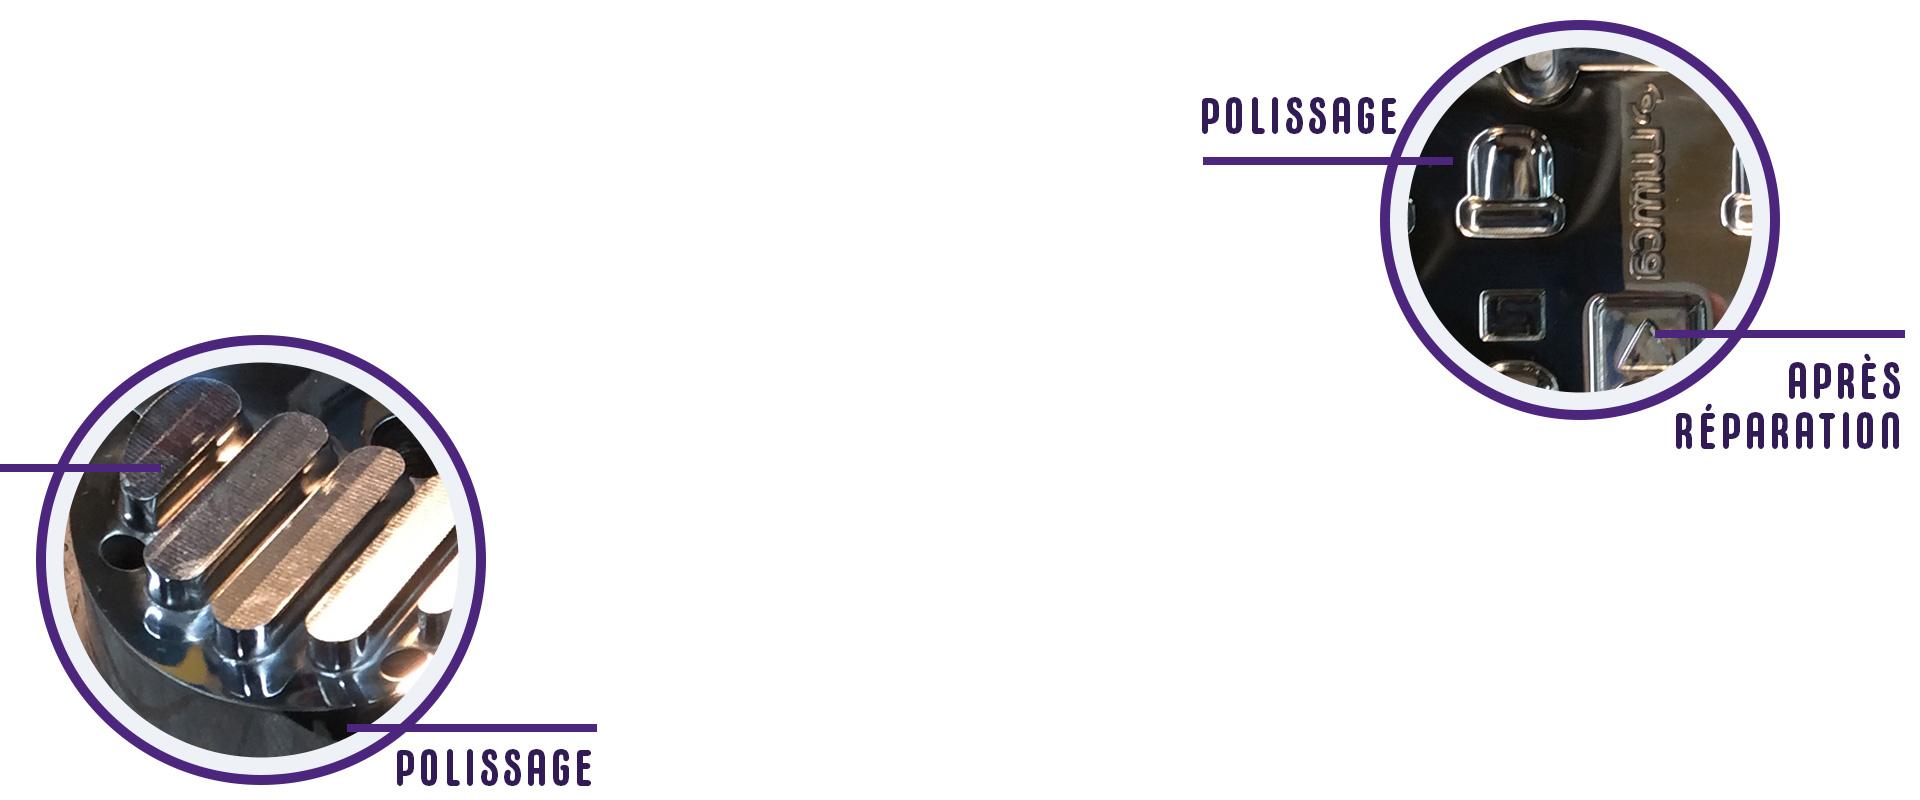 Les services offerts par Micron Polissage inc, entreprise de polissage